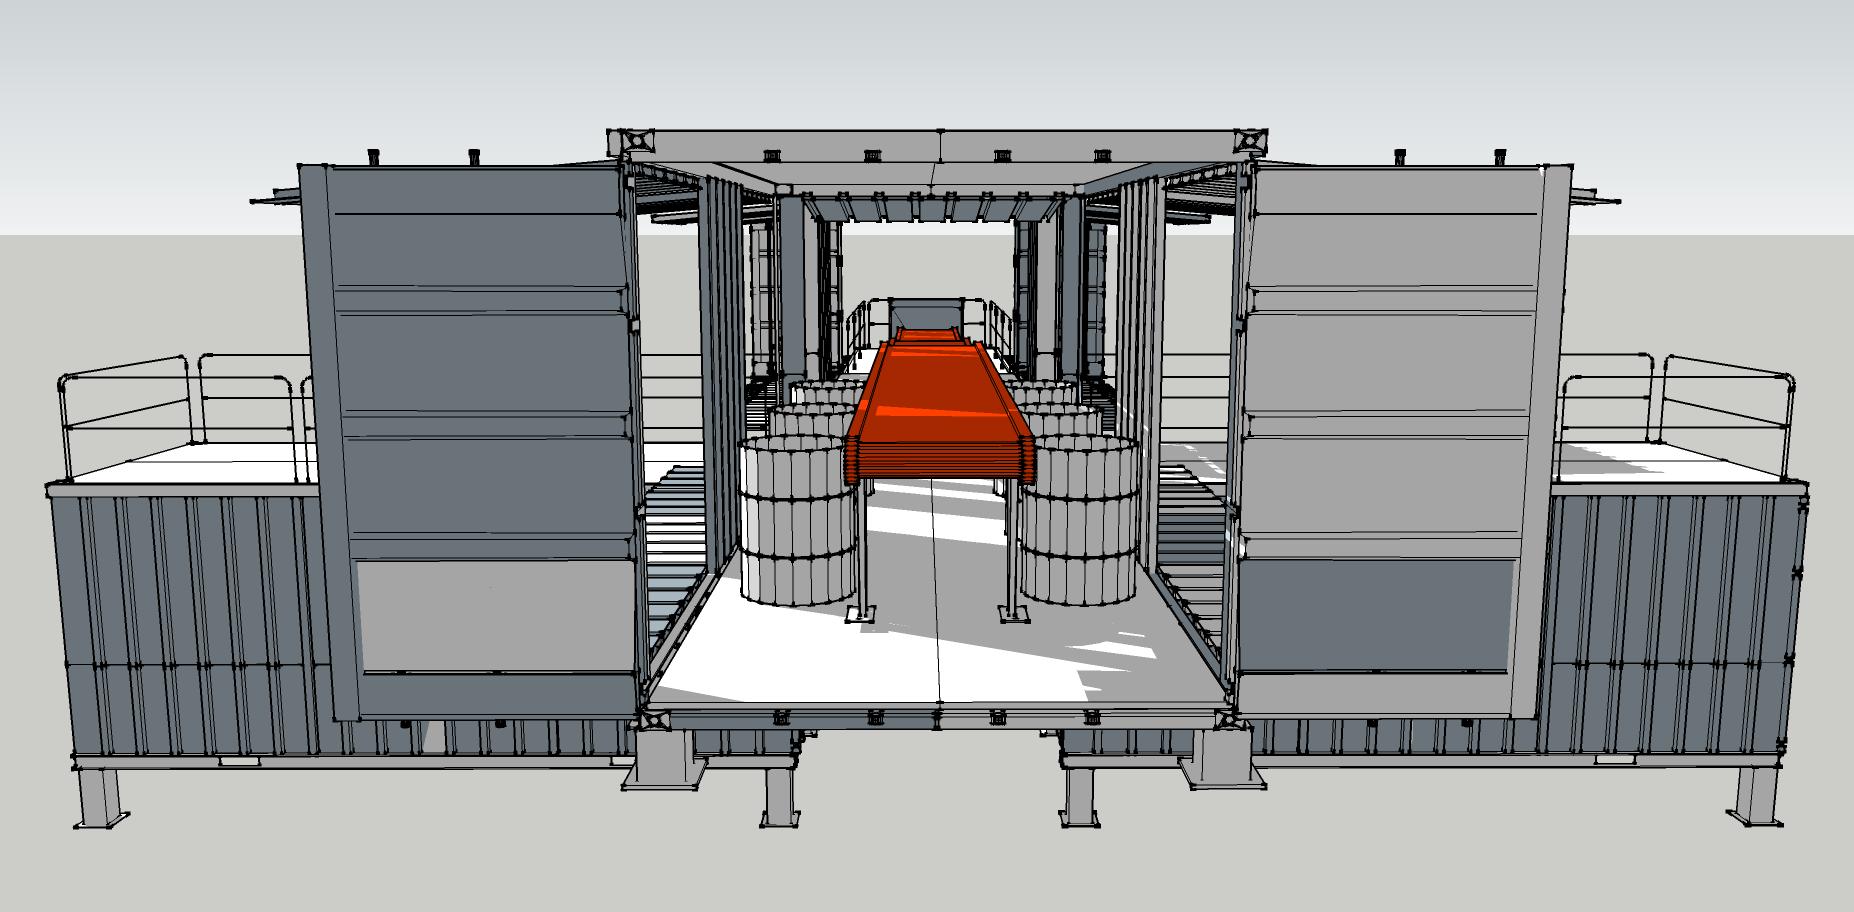 #C93000 Projeto usina de reciclagem em Container « Muda Arquitetura e  1854x912 px Projetos De Cozinhas Em Containers_5703 Imagens